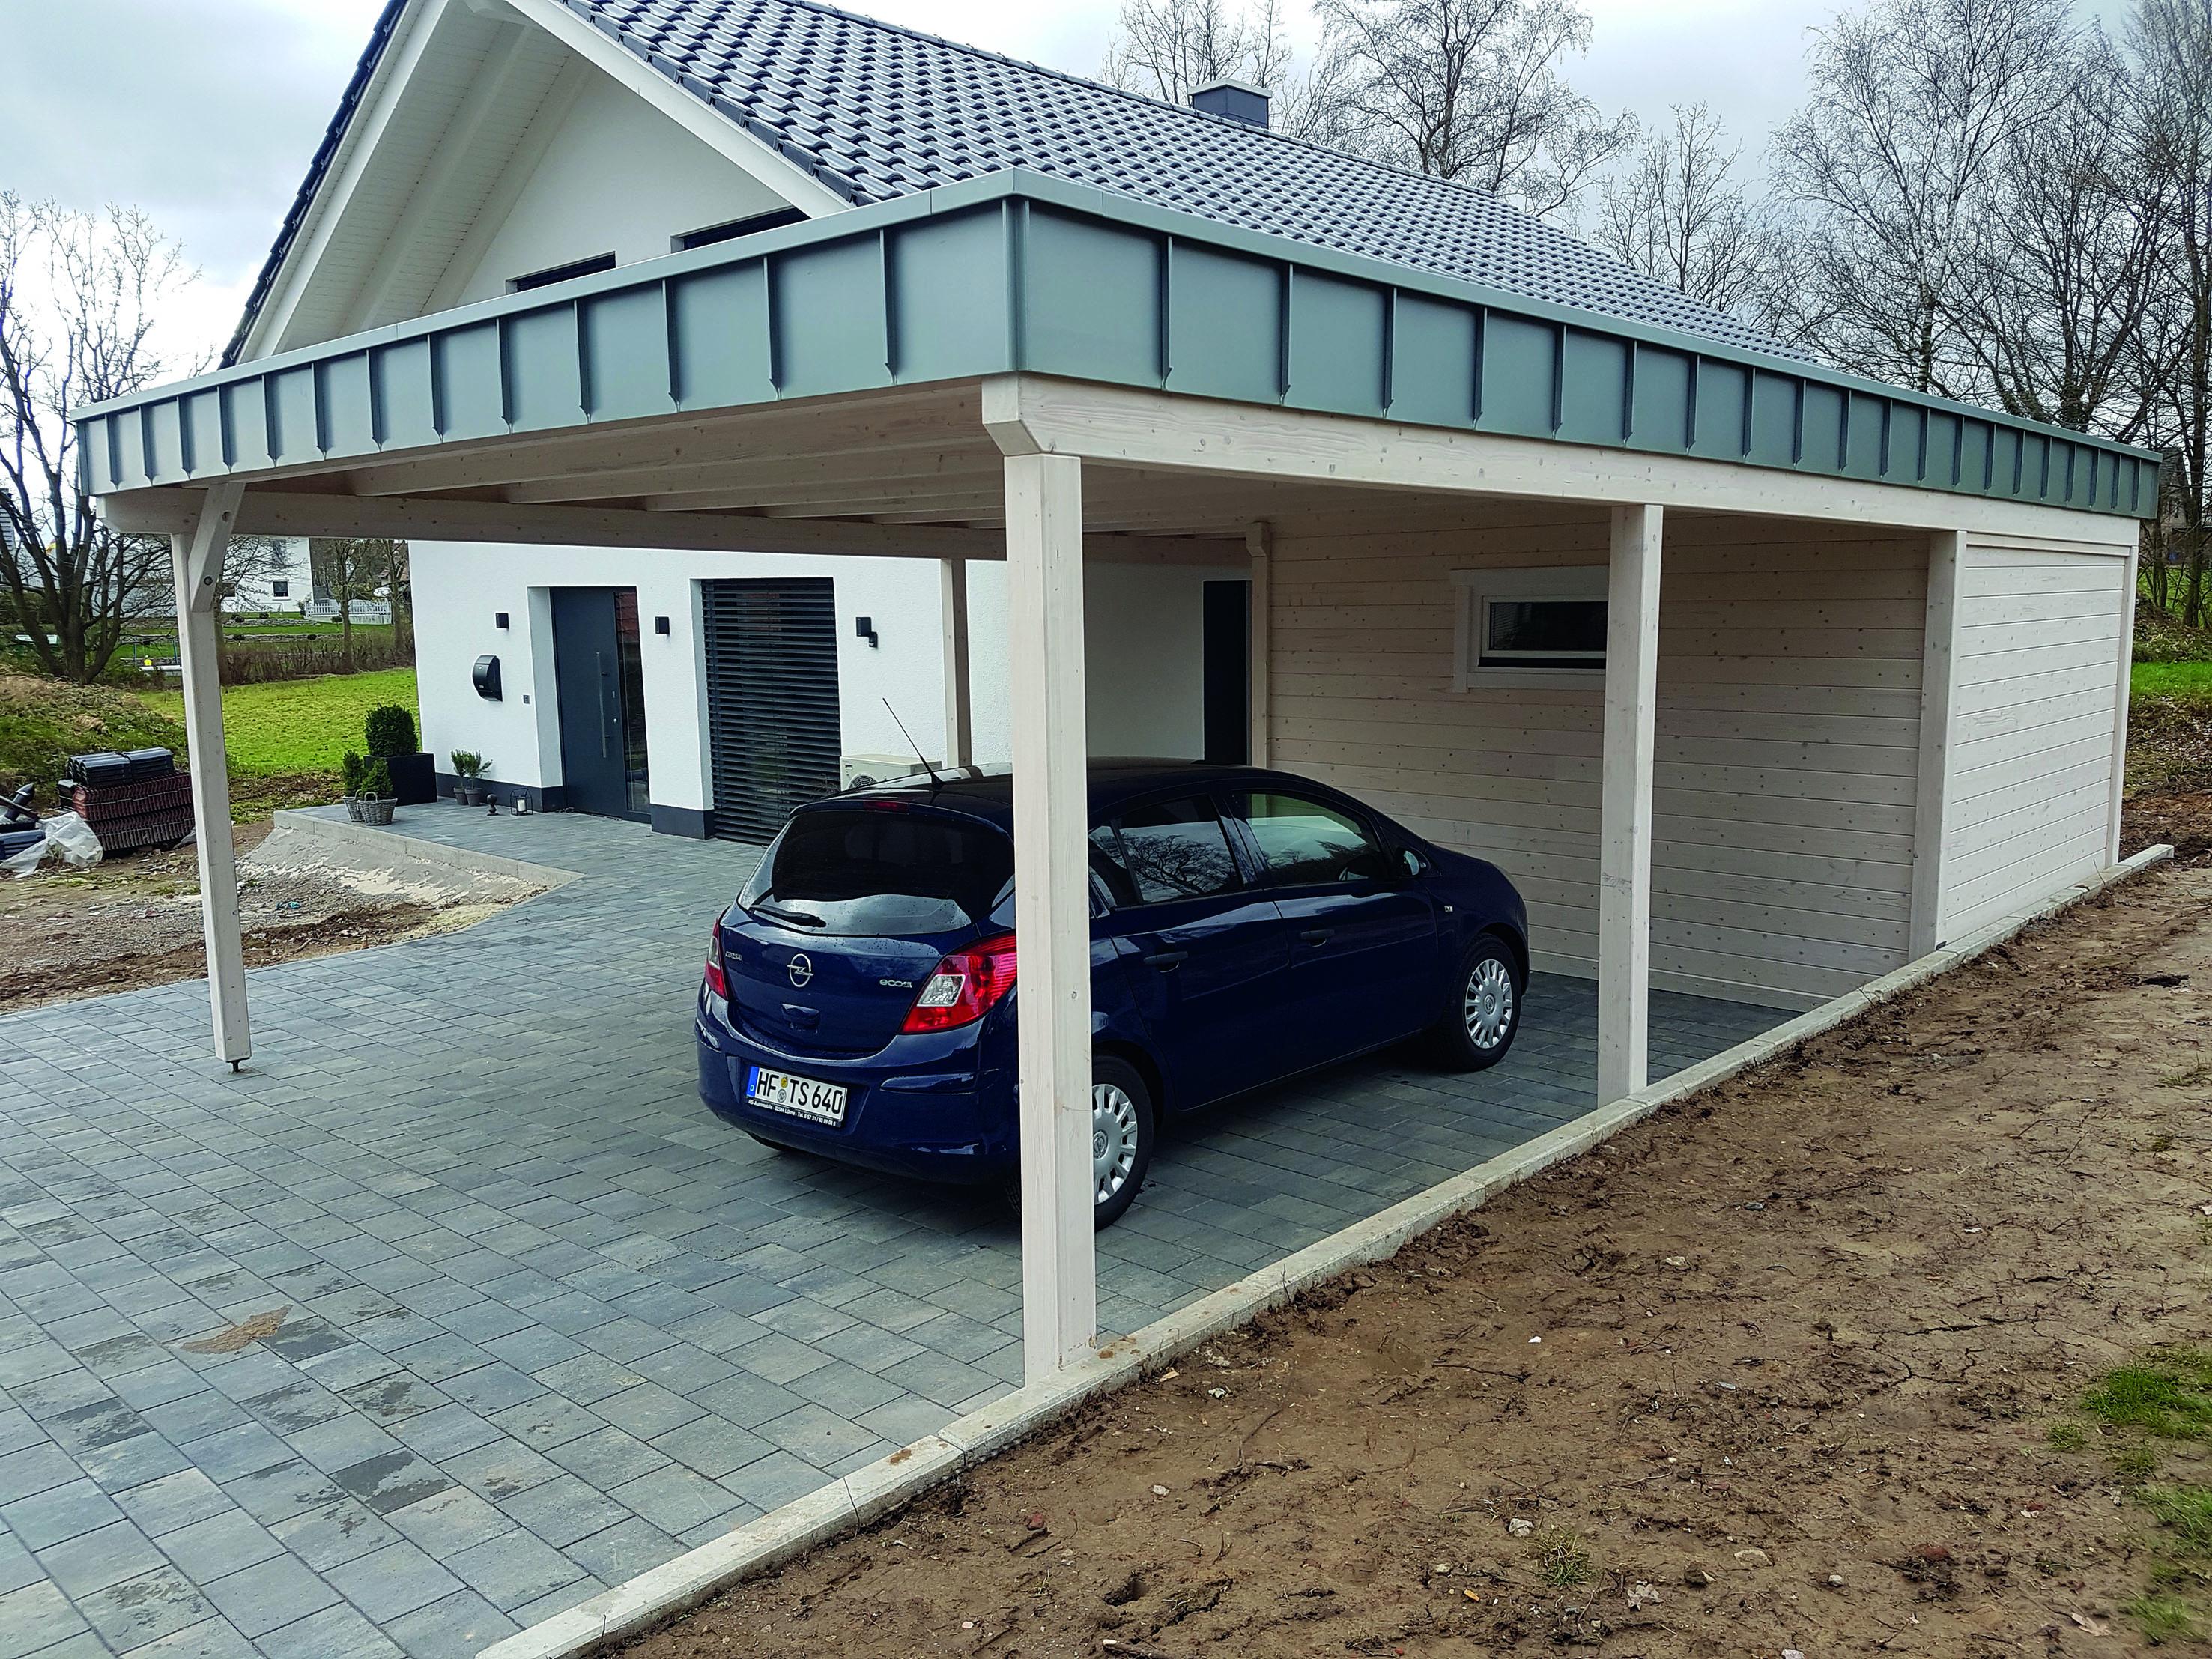 Carport, Dachverblendung aus Metall